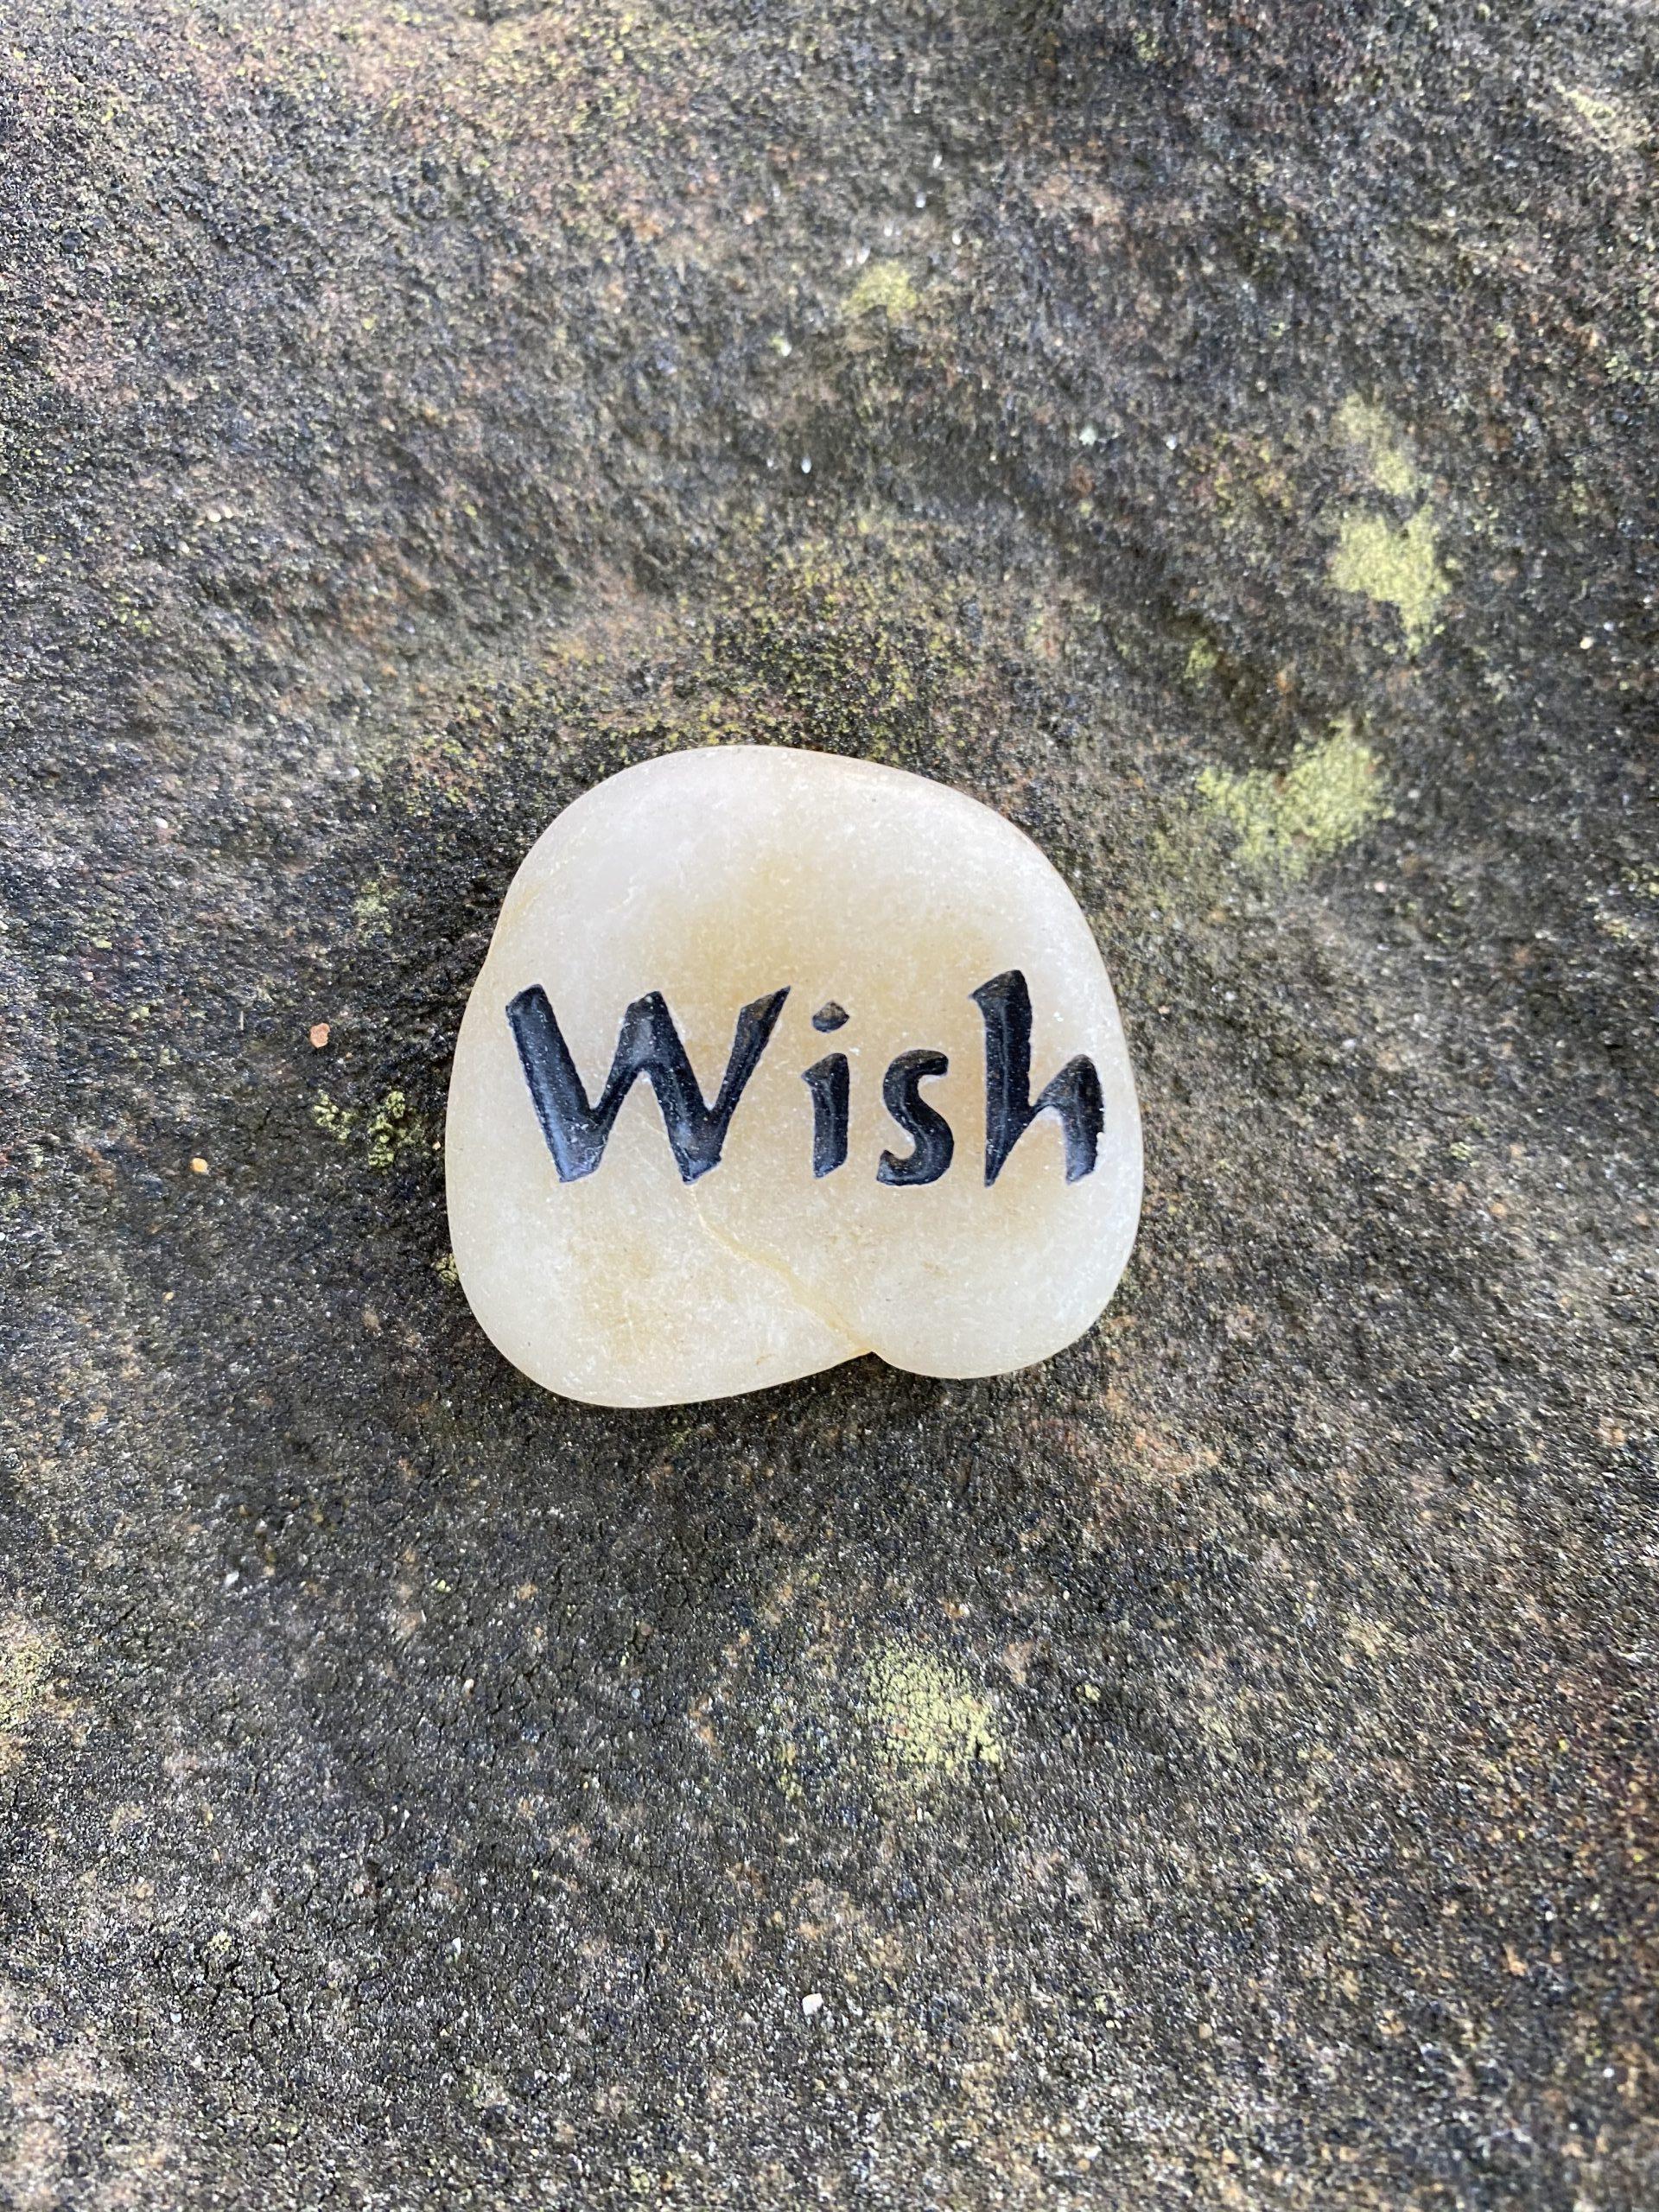 5-10 wish photo